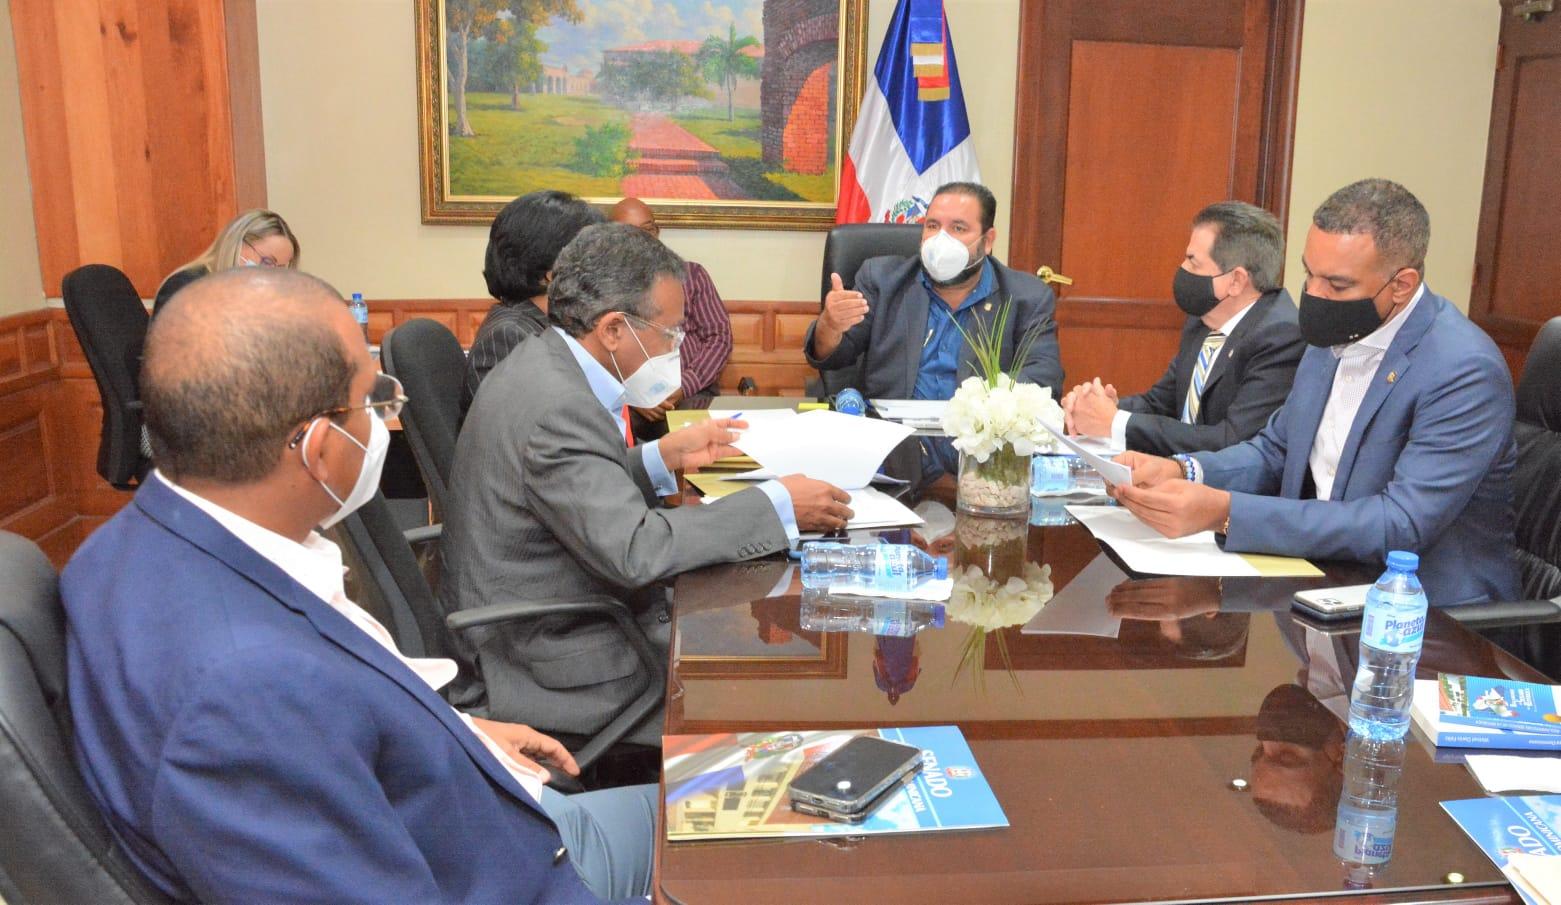 Comisión Especial rendirá informe favorable para terminación de obras inconclusas y de alta prioridad